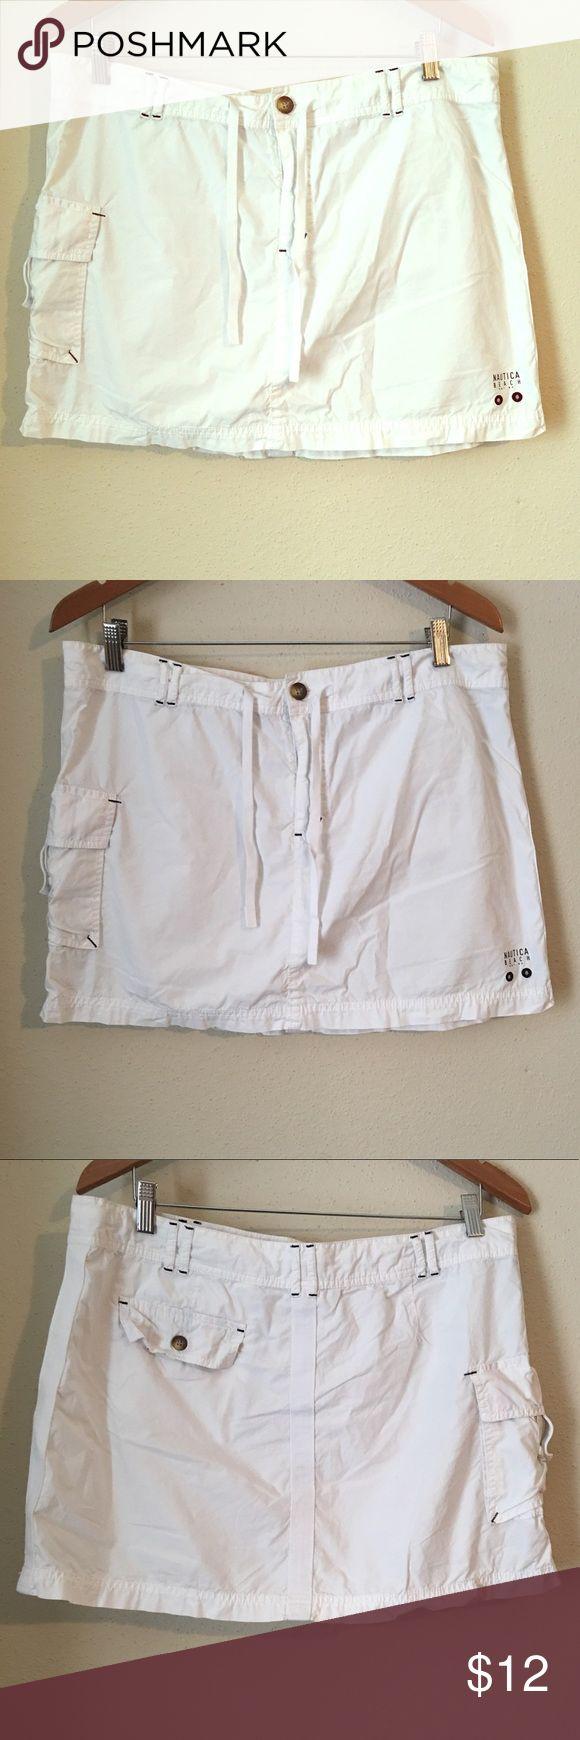 Náutica White skirt Náutica• Sz 14• white skirt• with pockets• so pretty• náutica beach Nautica Skirts